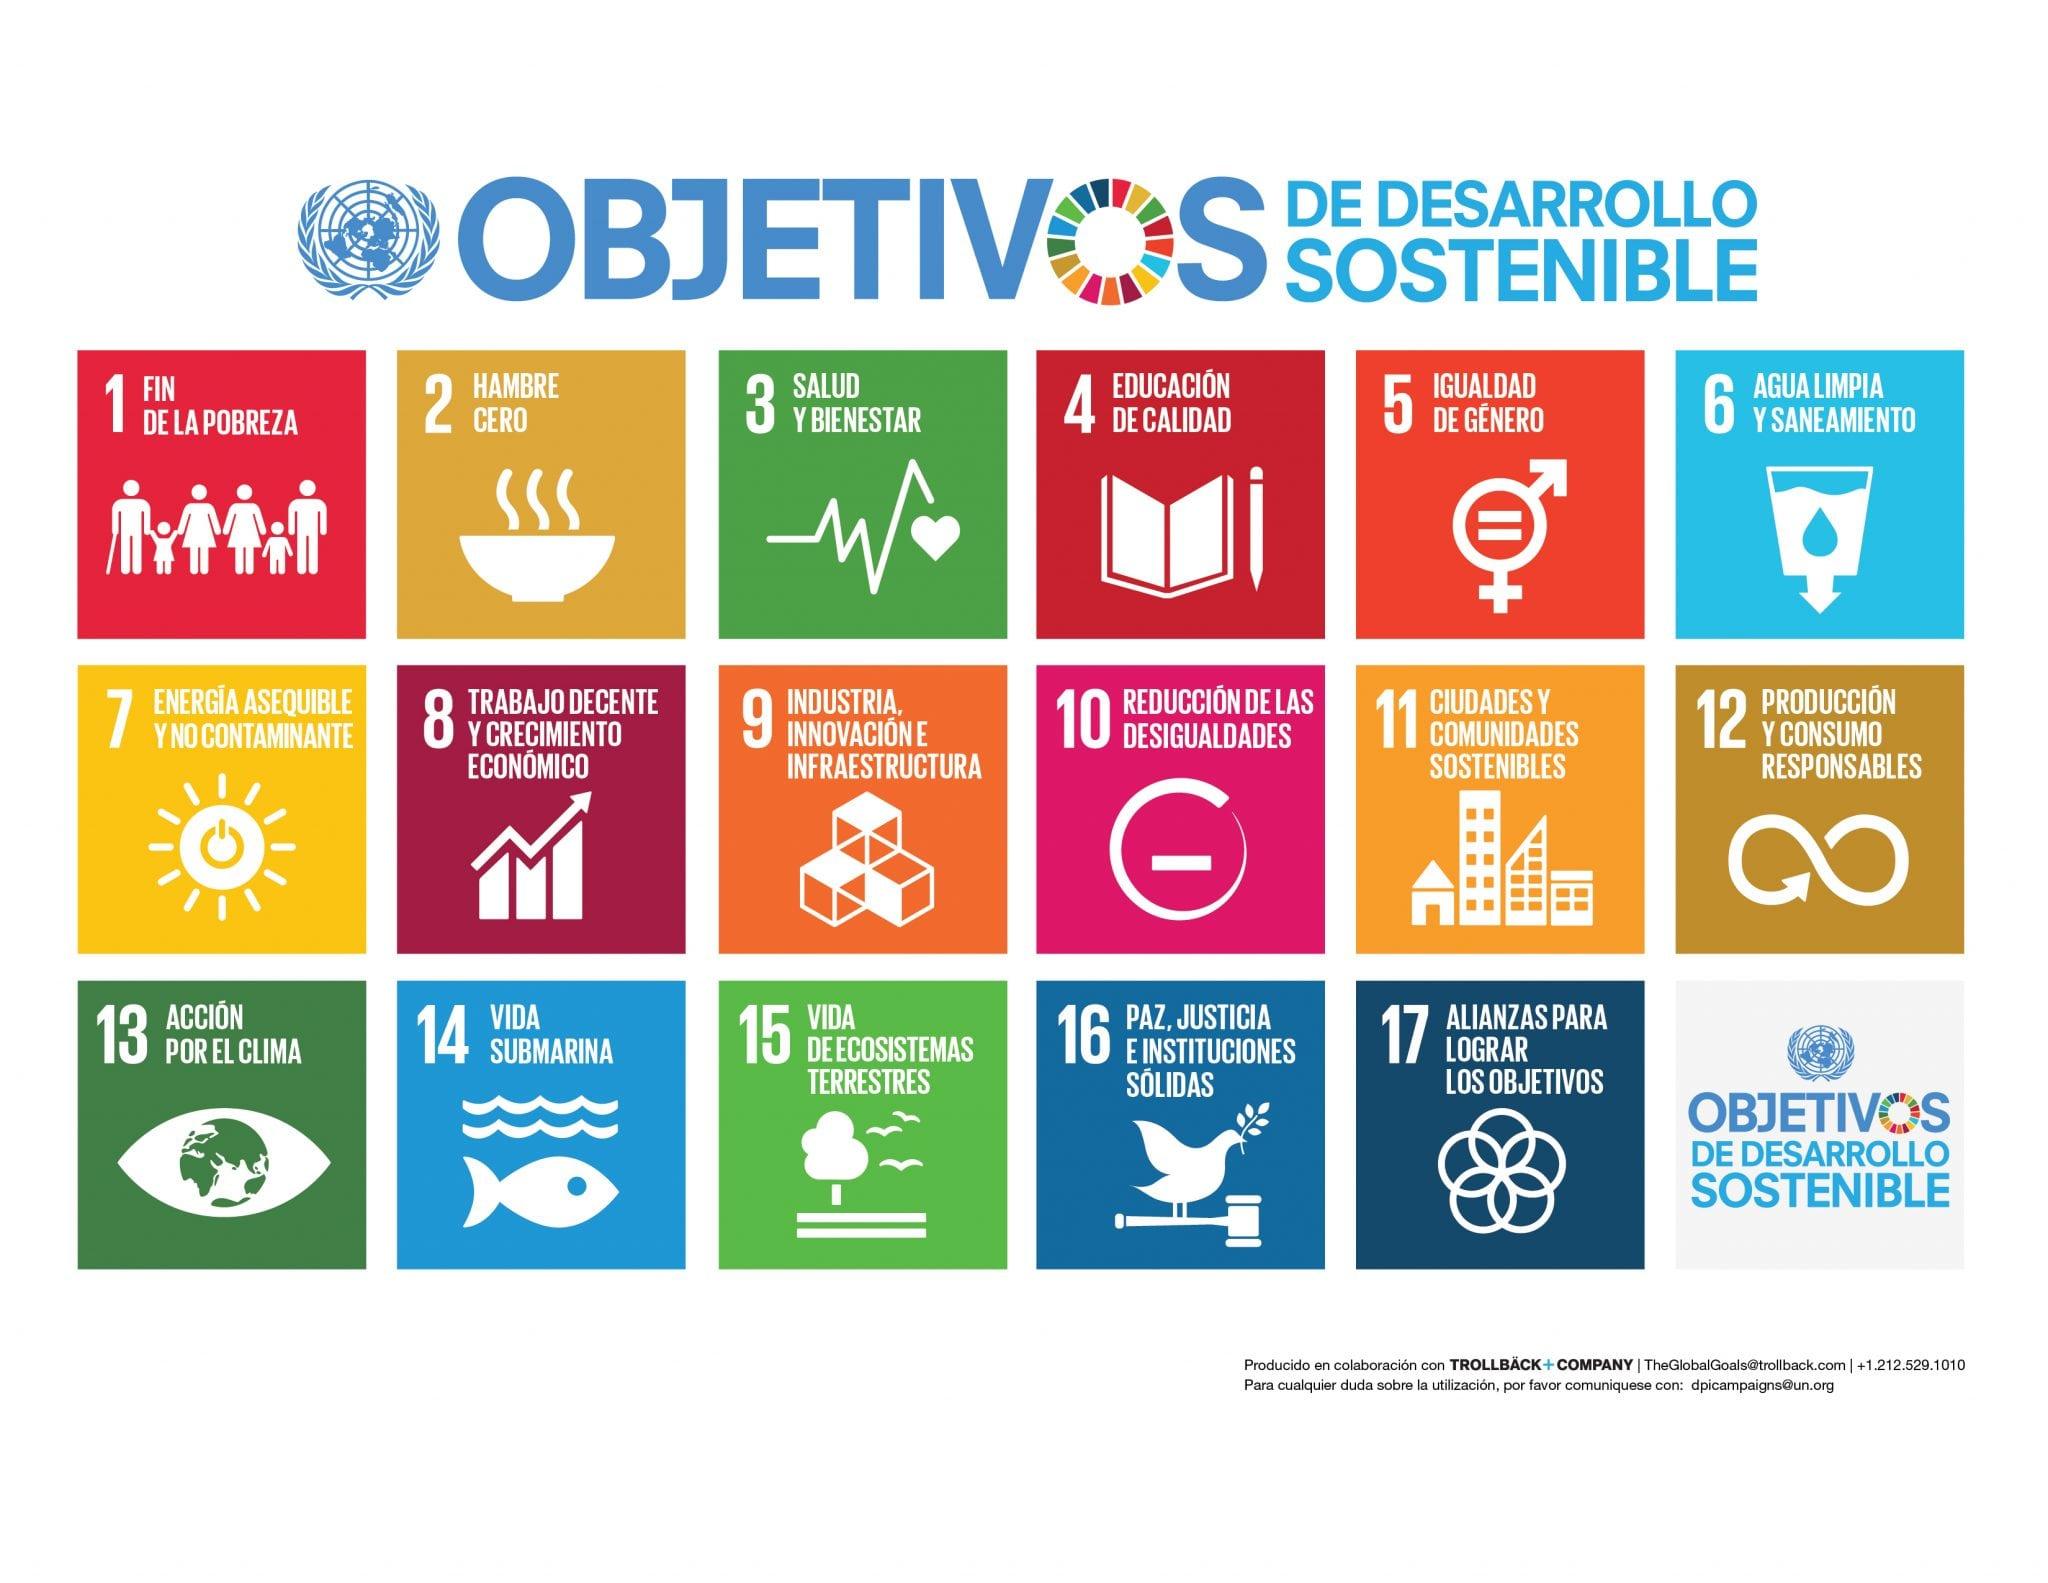 objetivos-desarrollo-sostenible-2030